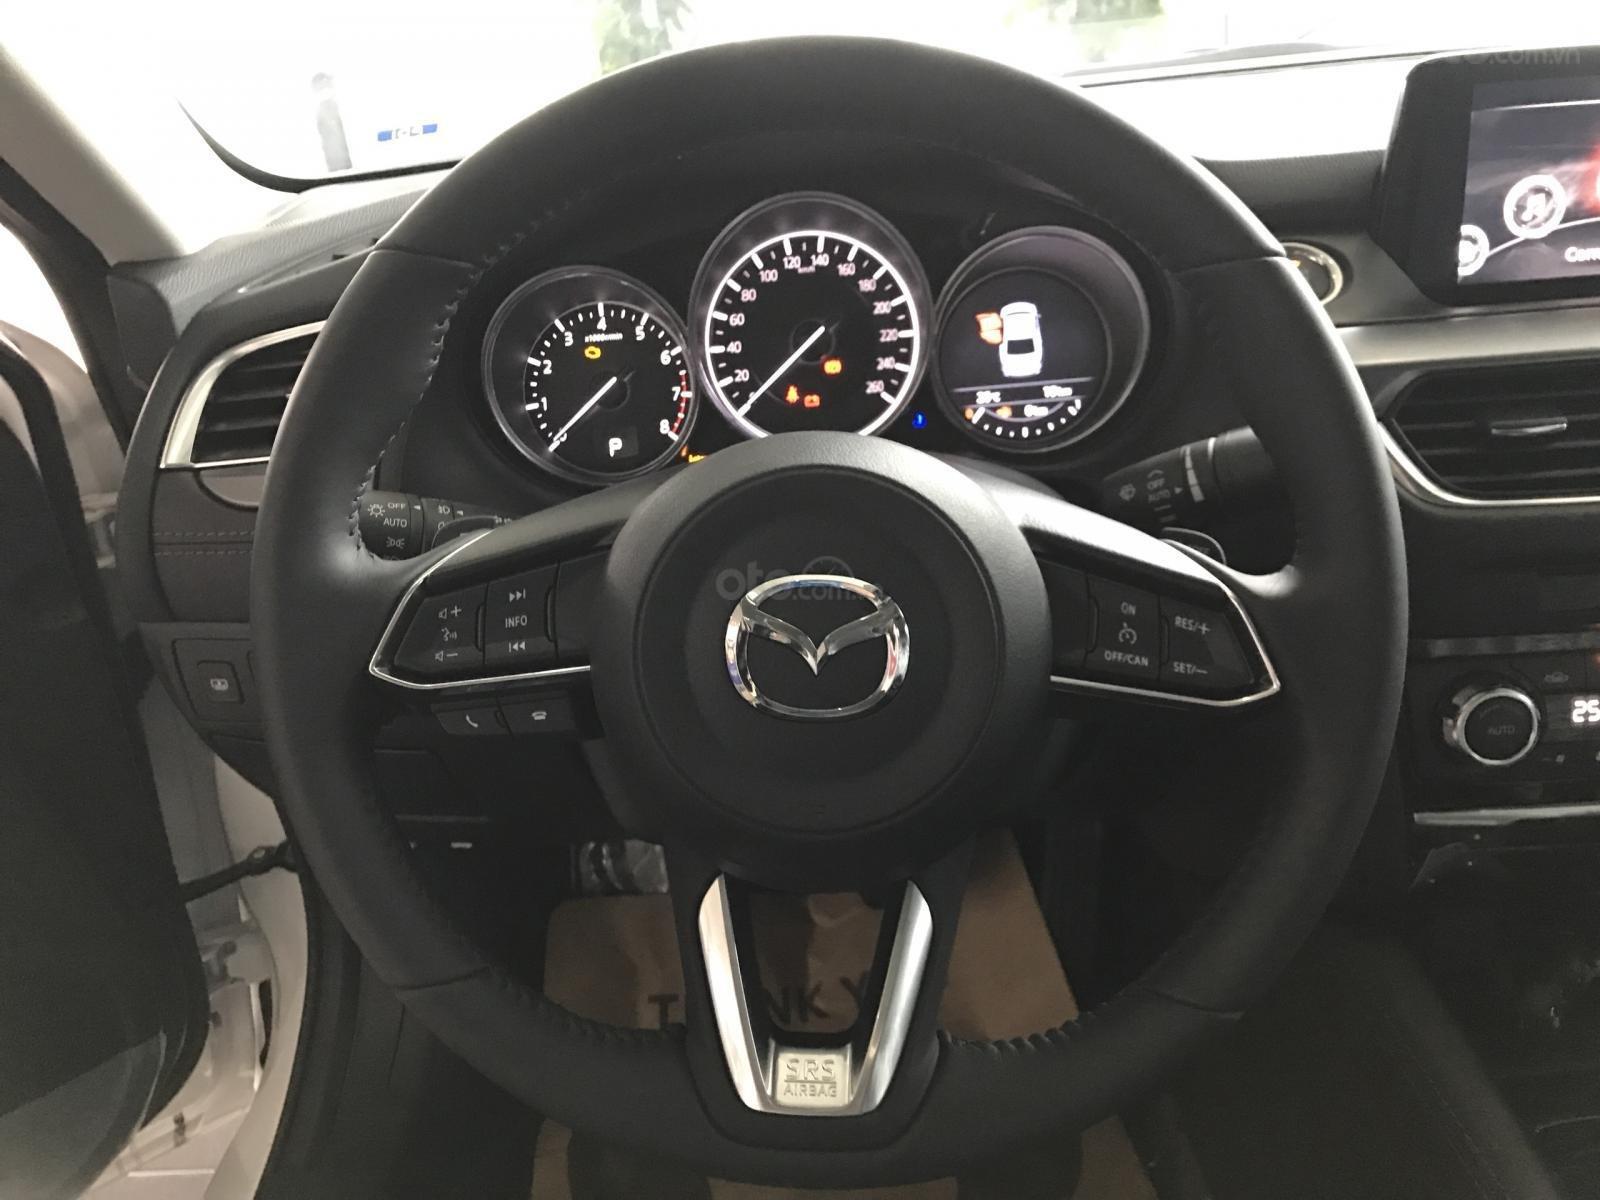 Mazda 6 2.0 2019, chỉ 200tr nhận xe, KM tới 37 triệu, LH: 098.115.3883/094.159.9922 để được hỗ trợ tốt nhất-3